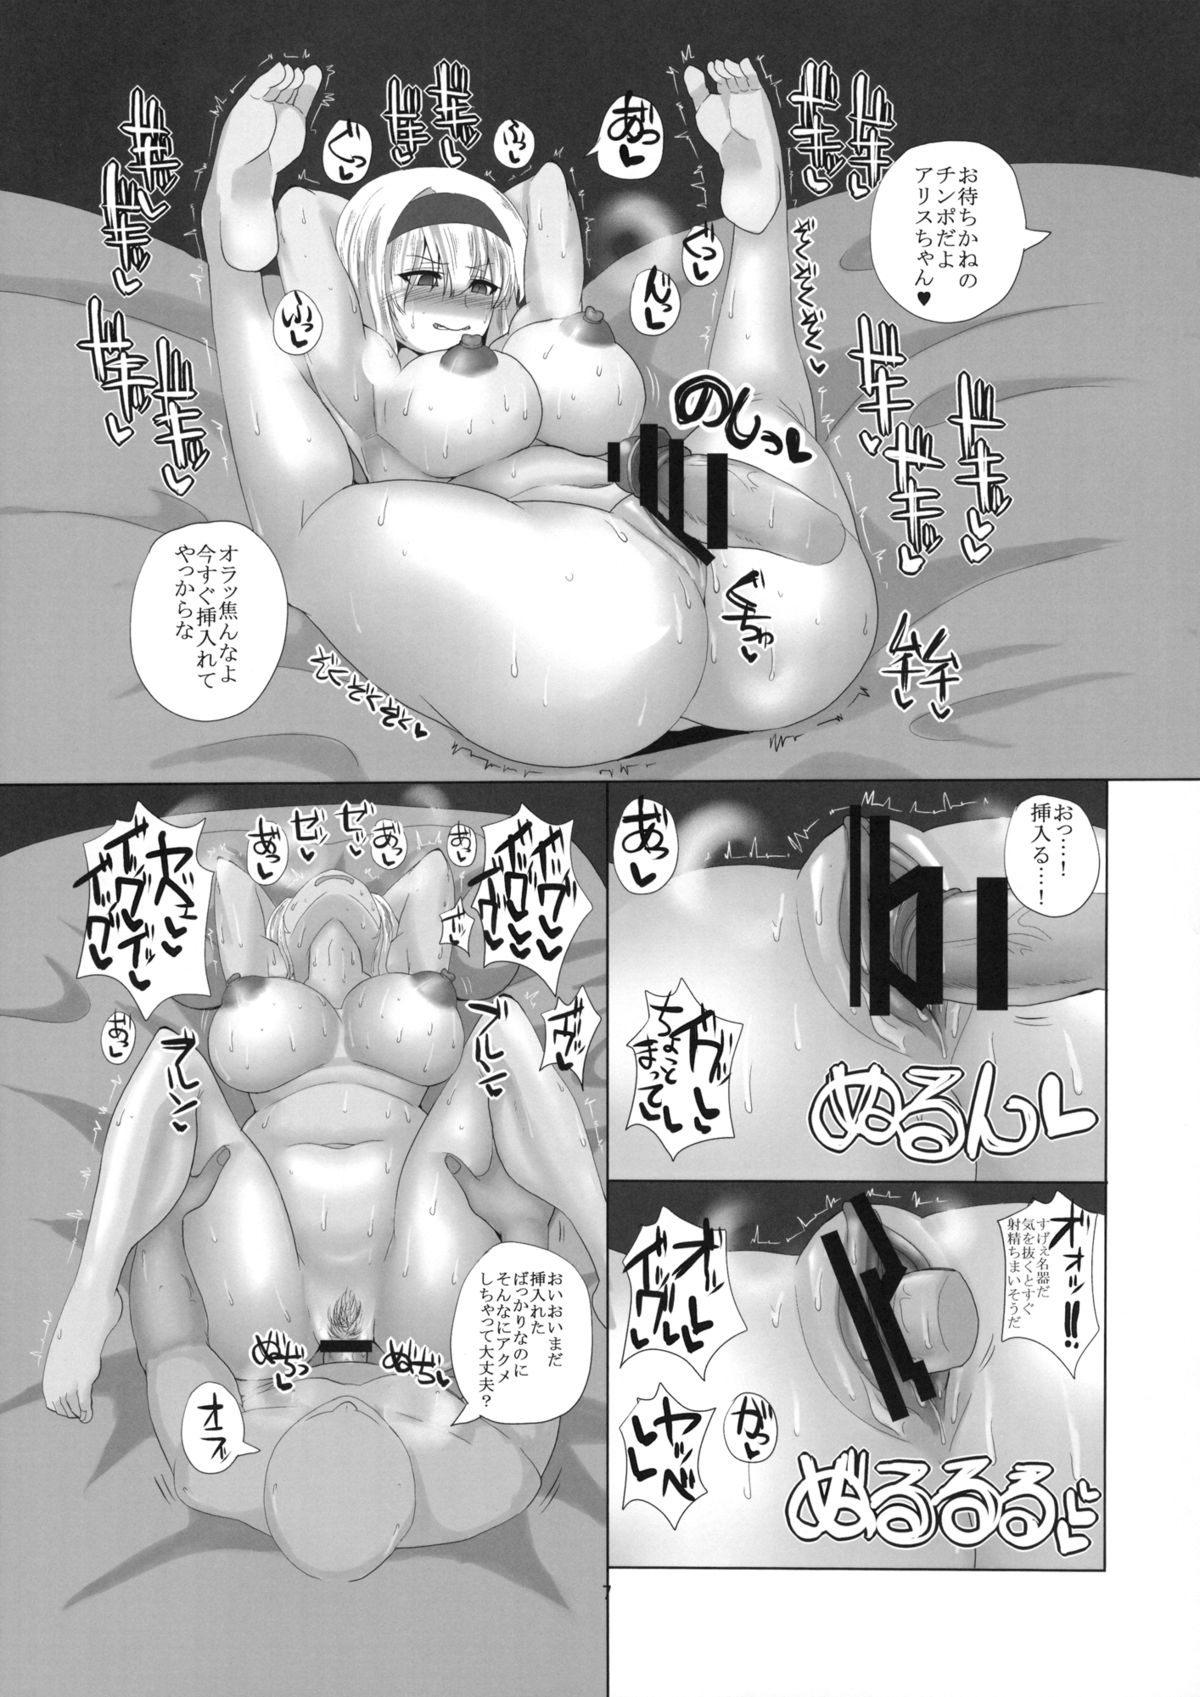 【エロ漫画】催眠術をかけられたアリスがド淫乱な変態肉便器になっちゃった!